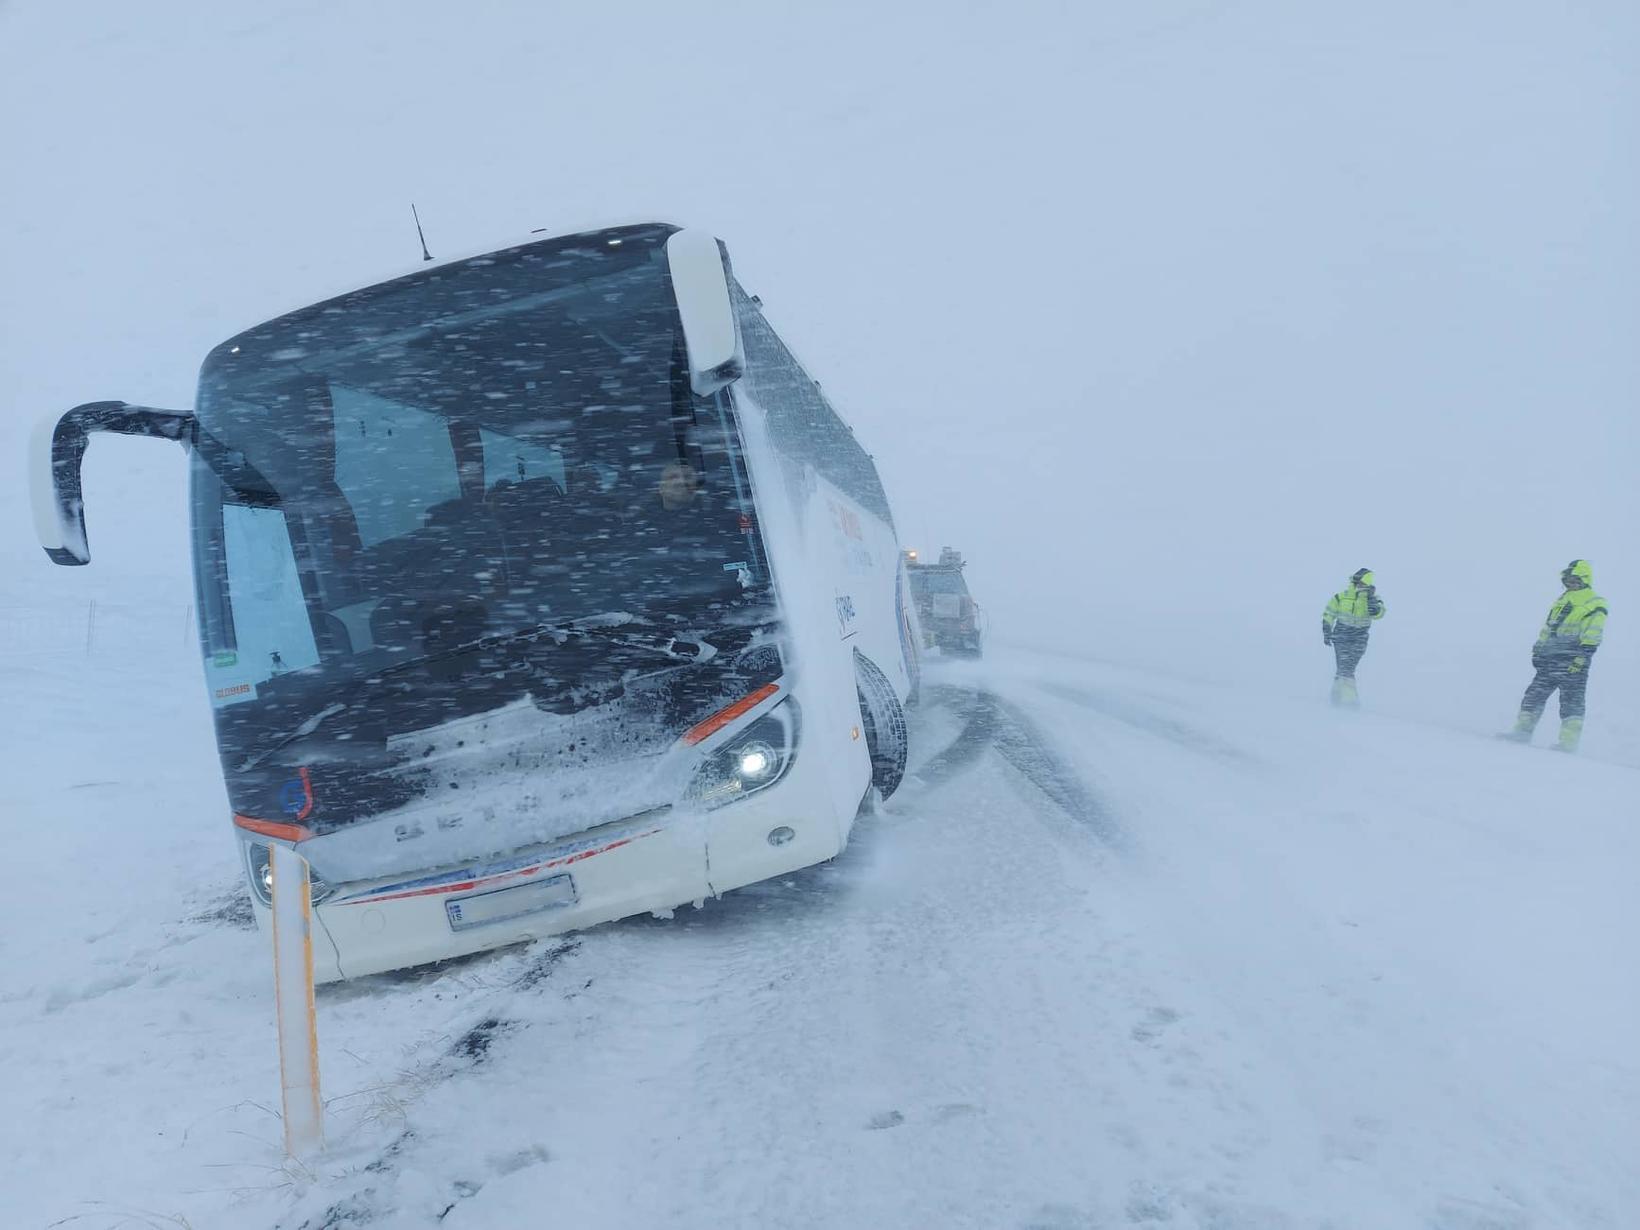 A bus was blown off the road in Hrútafjörður.